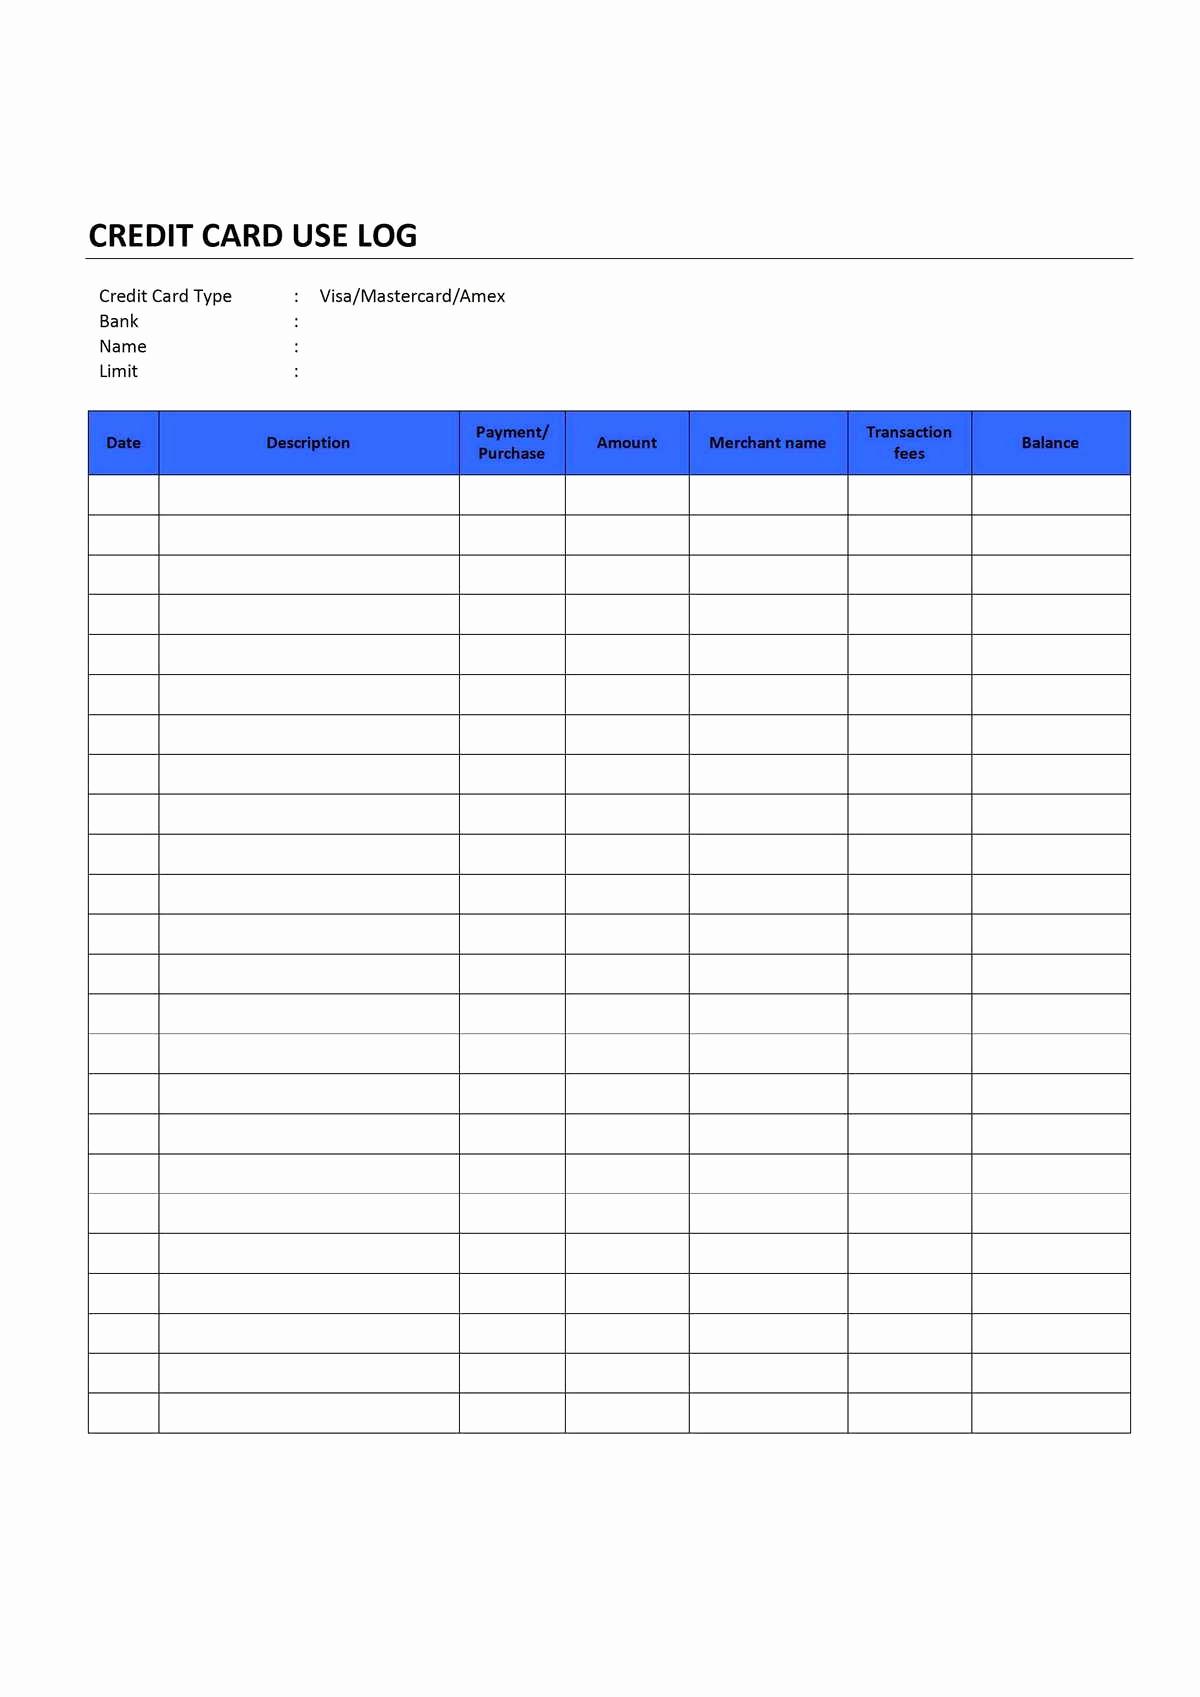 Trucking Business Expenses Spreadsheet Inspirational 50 Unique For Business Expenses Spreadsheet